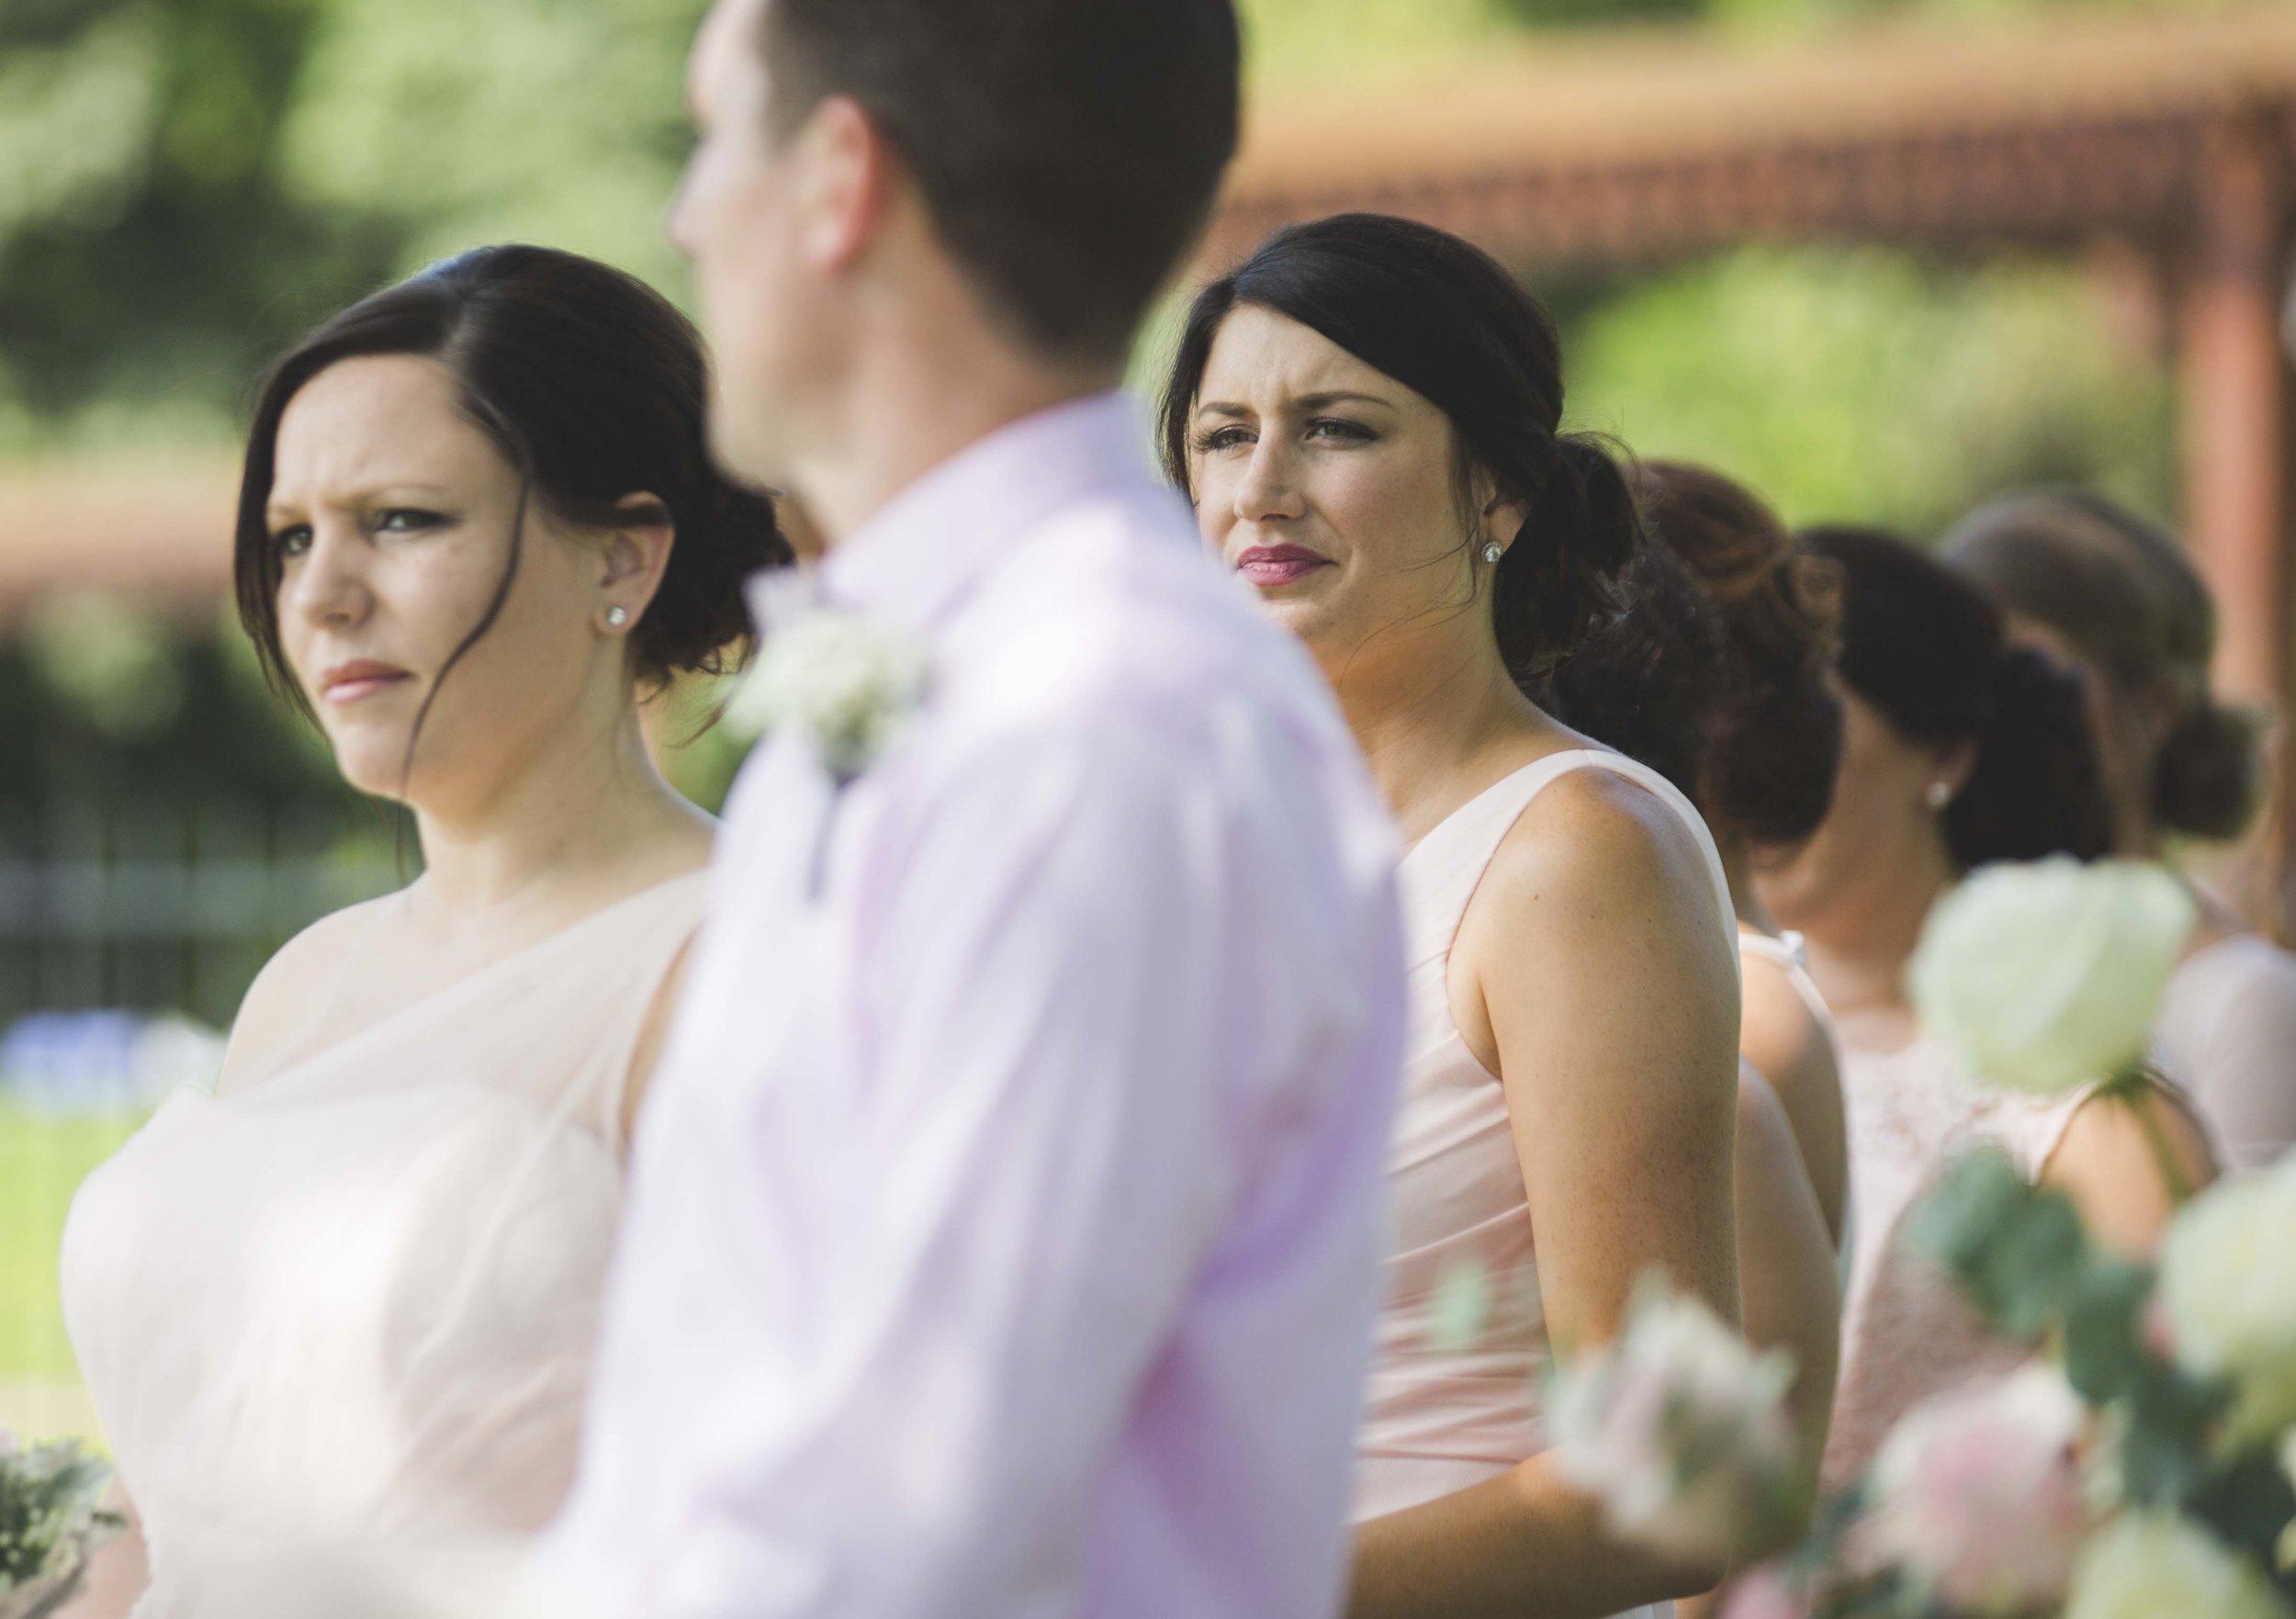 ATGI_Susanna & Matt Wedding_717A7621.jpg